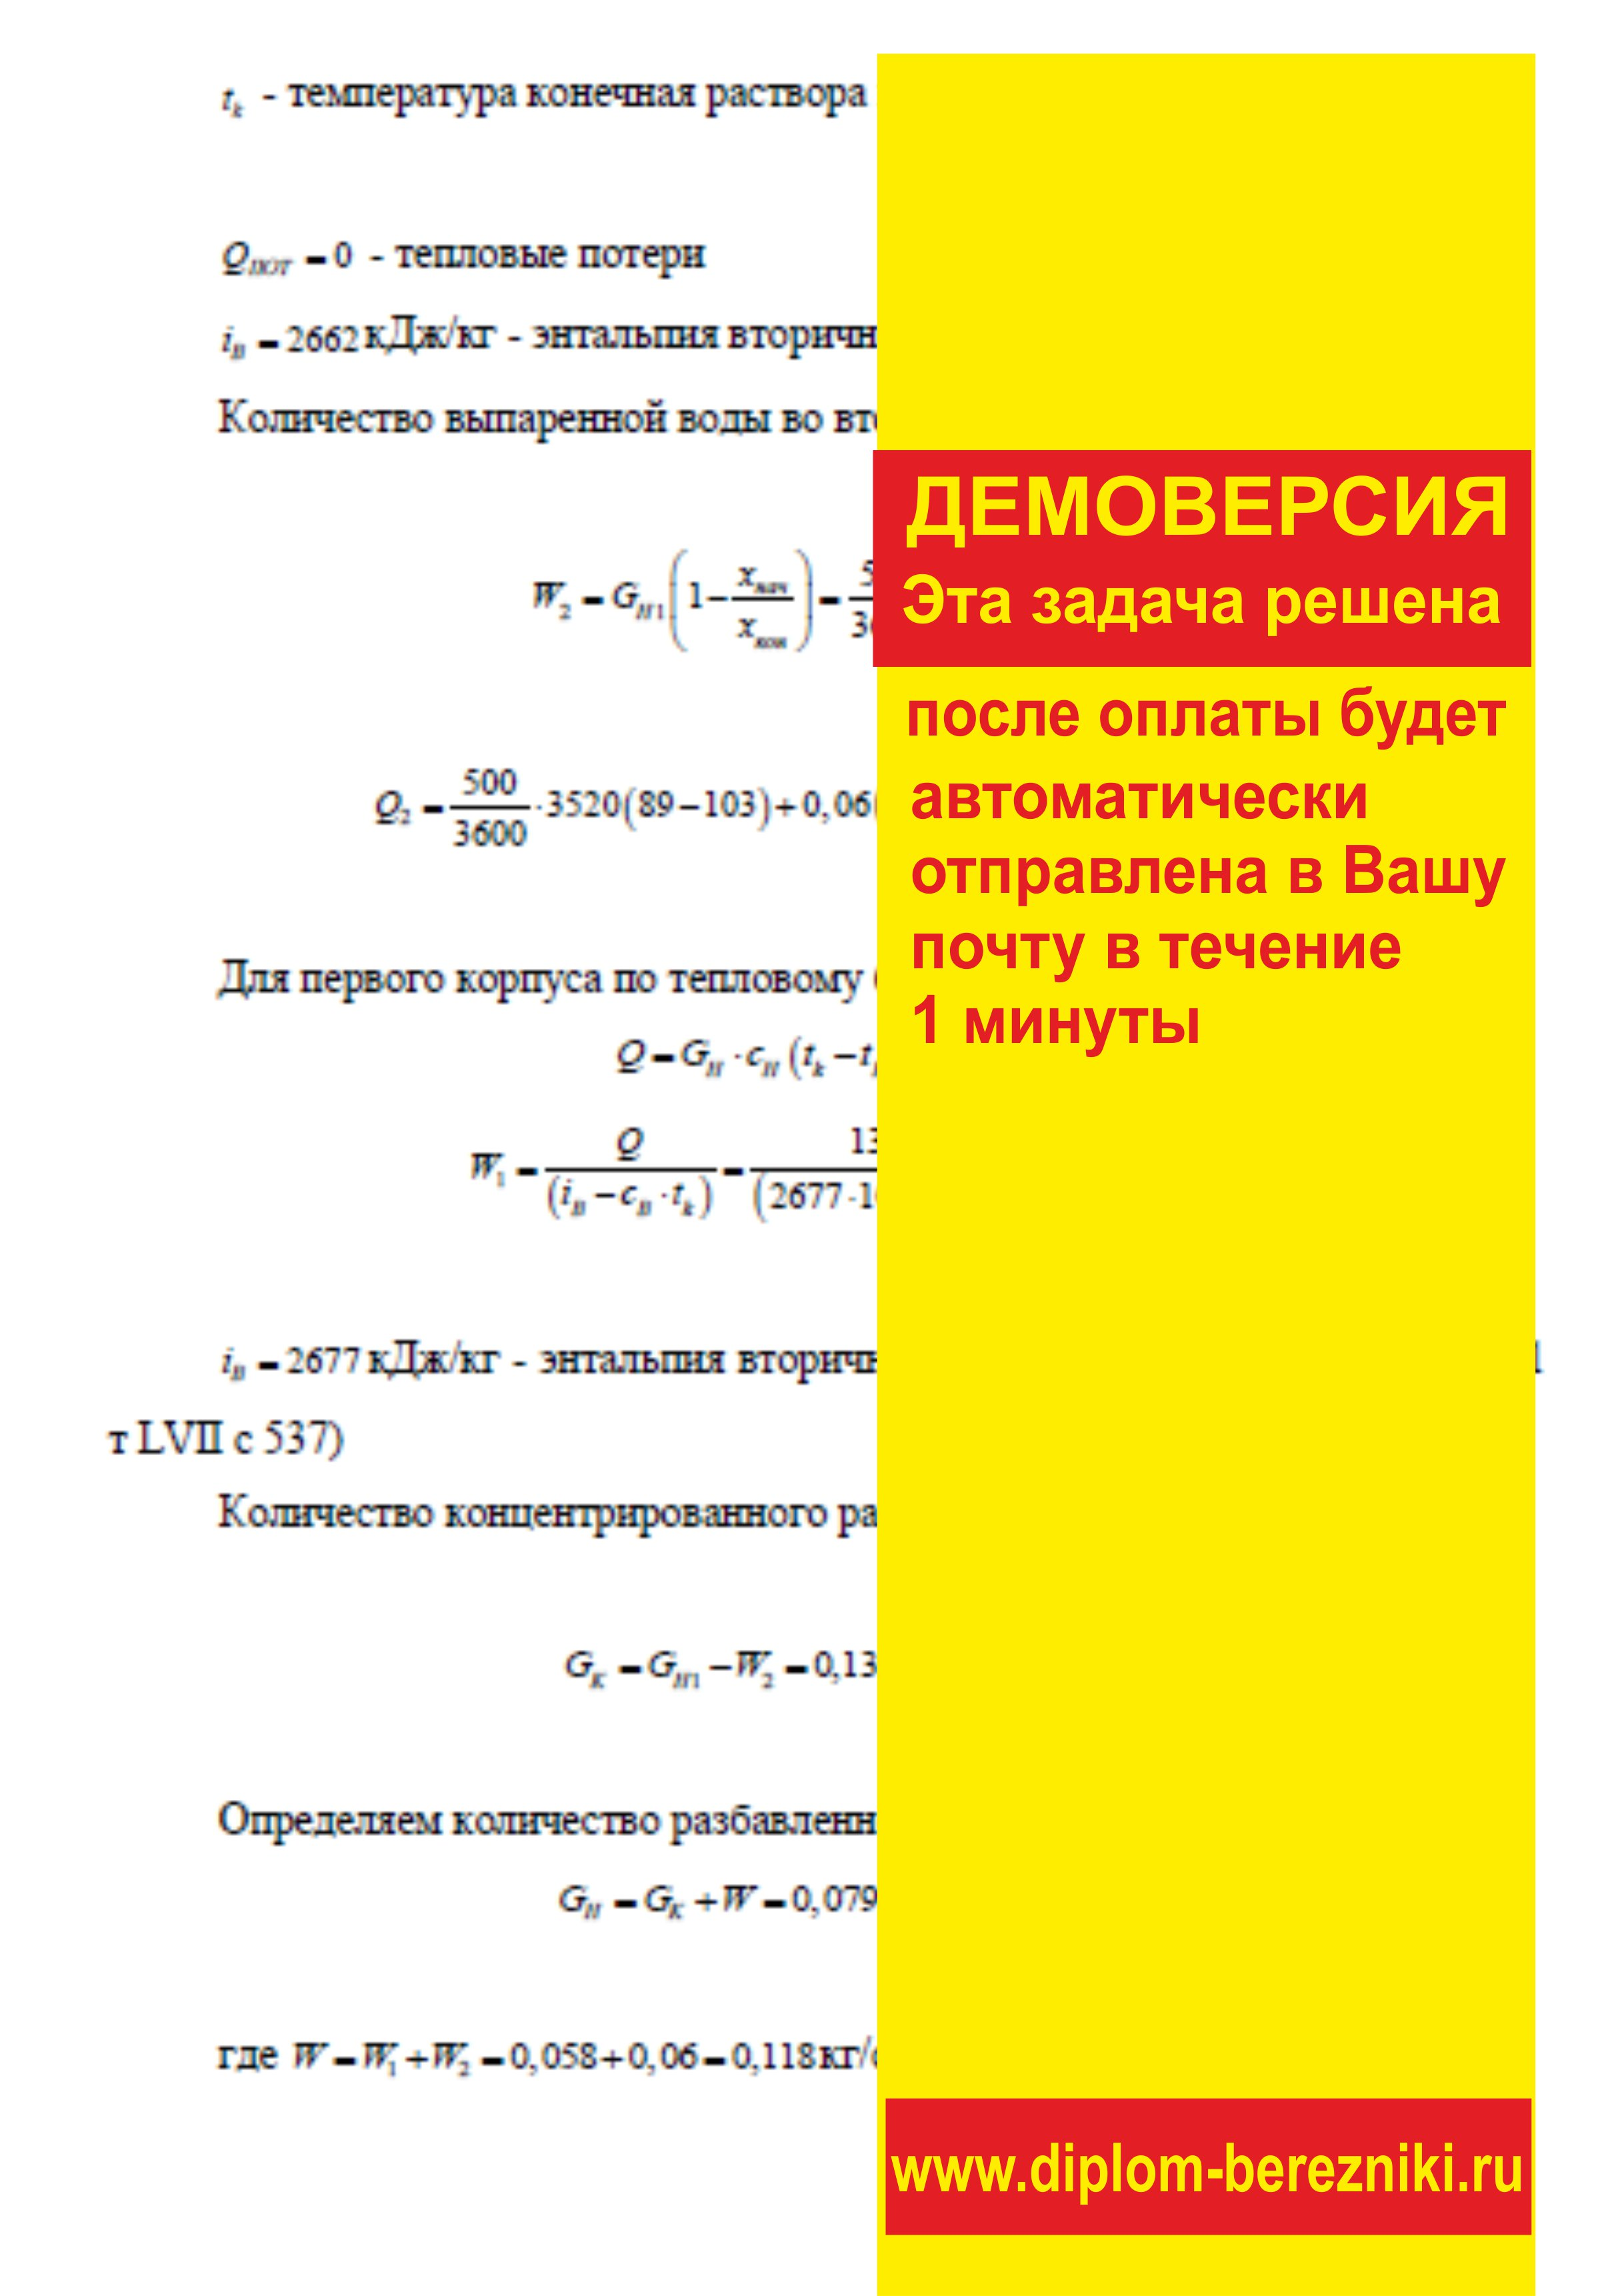 Решение задачи 5.32 по ПАХТ из задачника Павлова Романкова Носкова